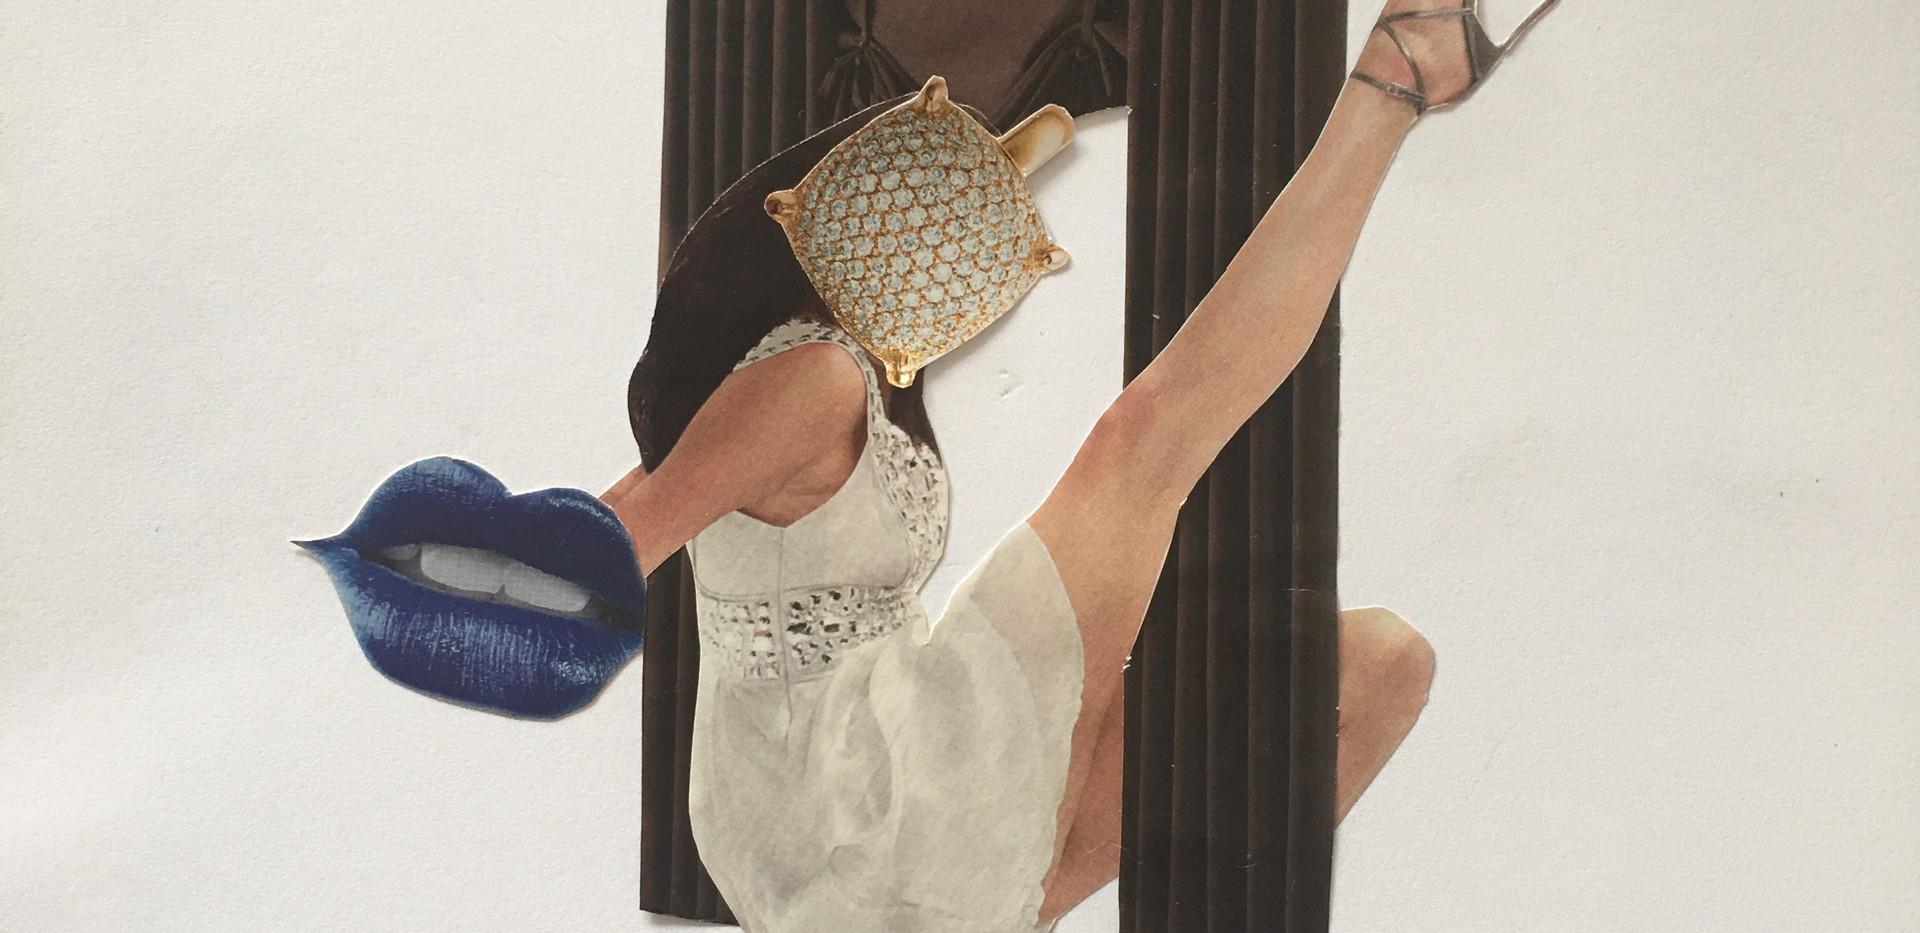 Karina Matheus - Dear Flesh IV